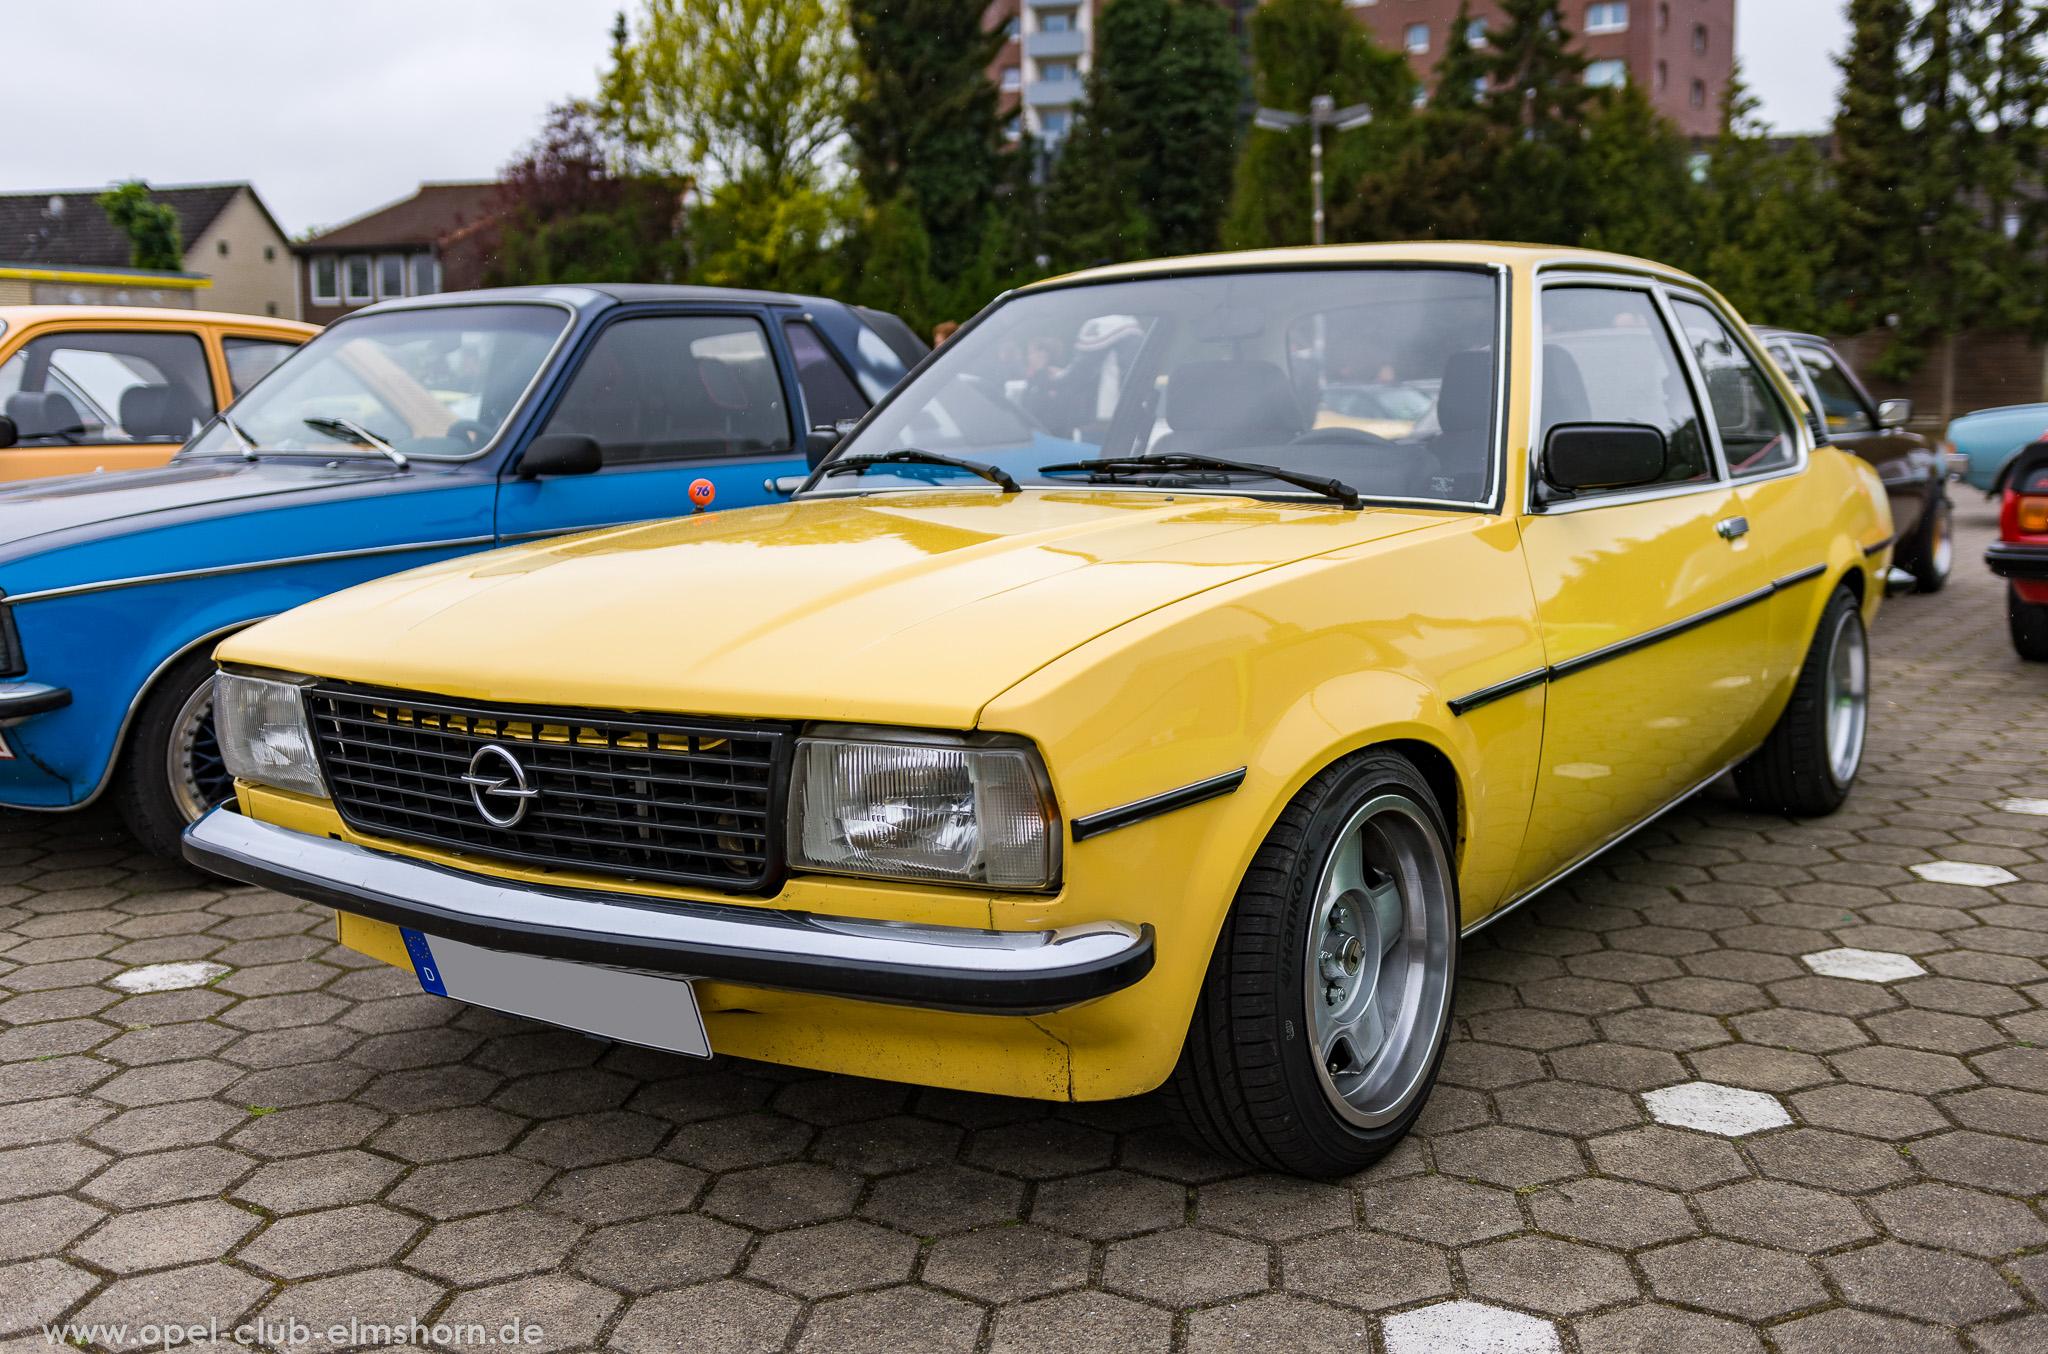 Altopeltreffen Wedel 2019 - 20190501_124144 - Opel Ascona B